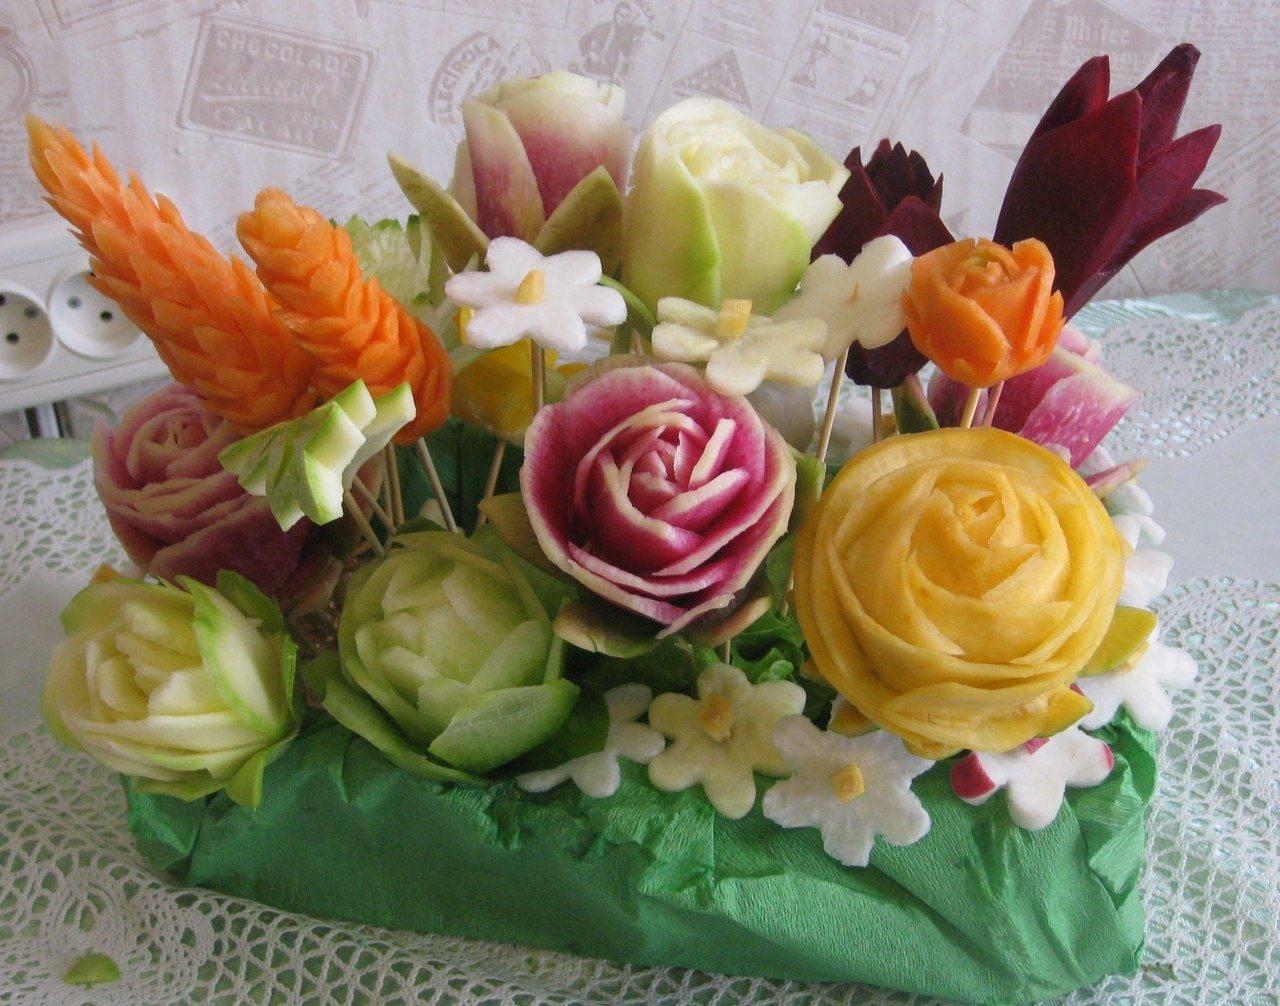 Искусство карвинга из овощей и фруктов. мастер карвинга кристина вероника